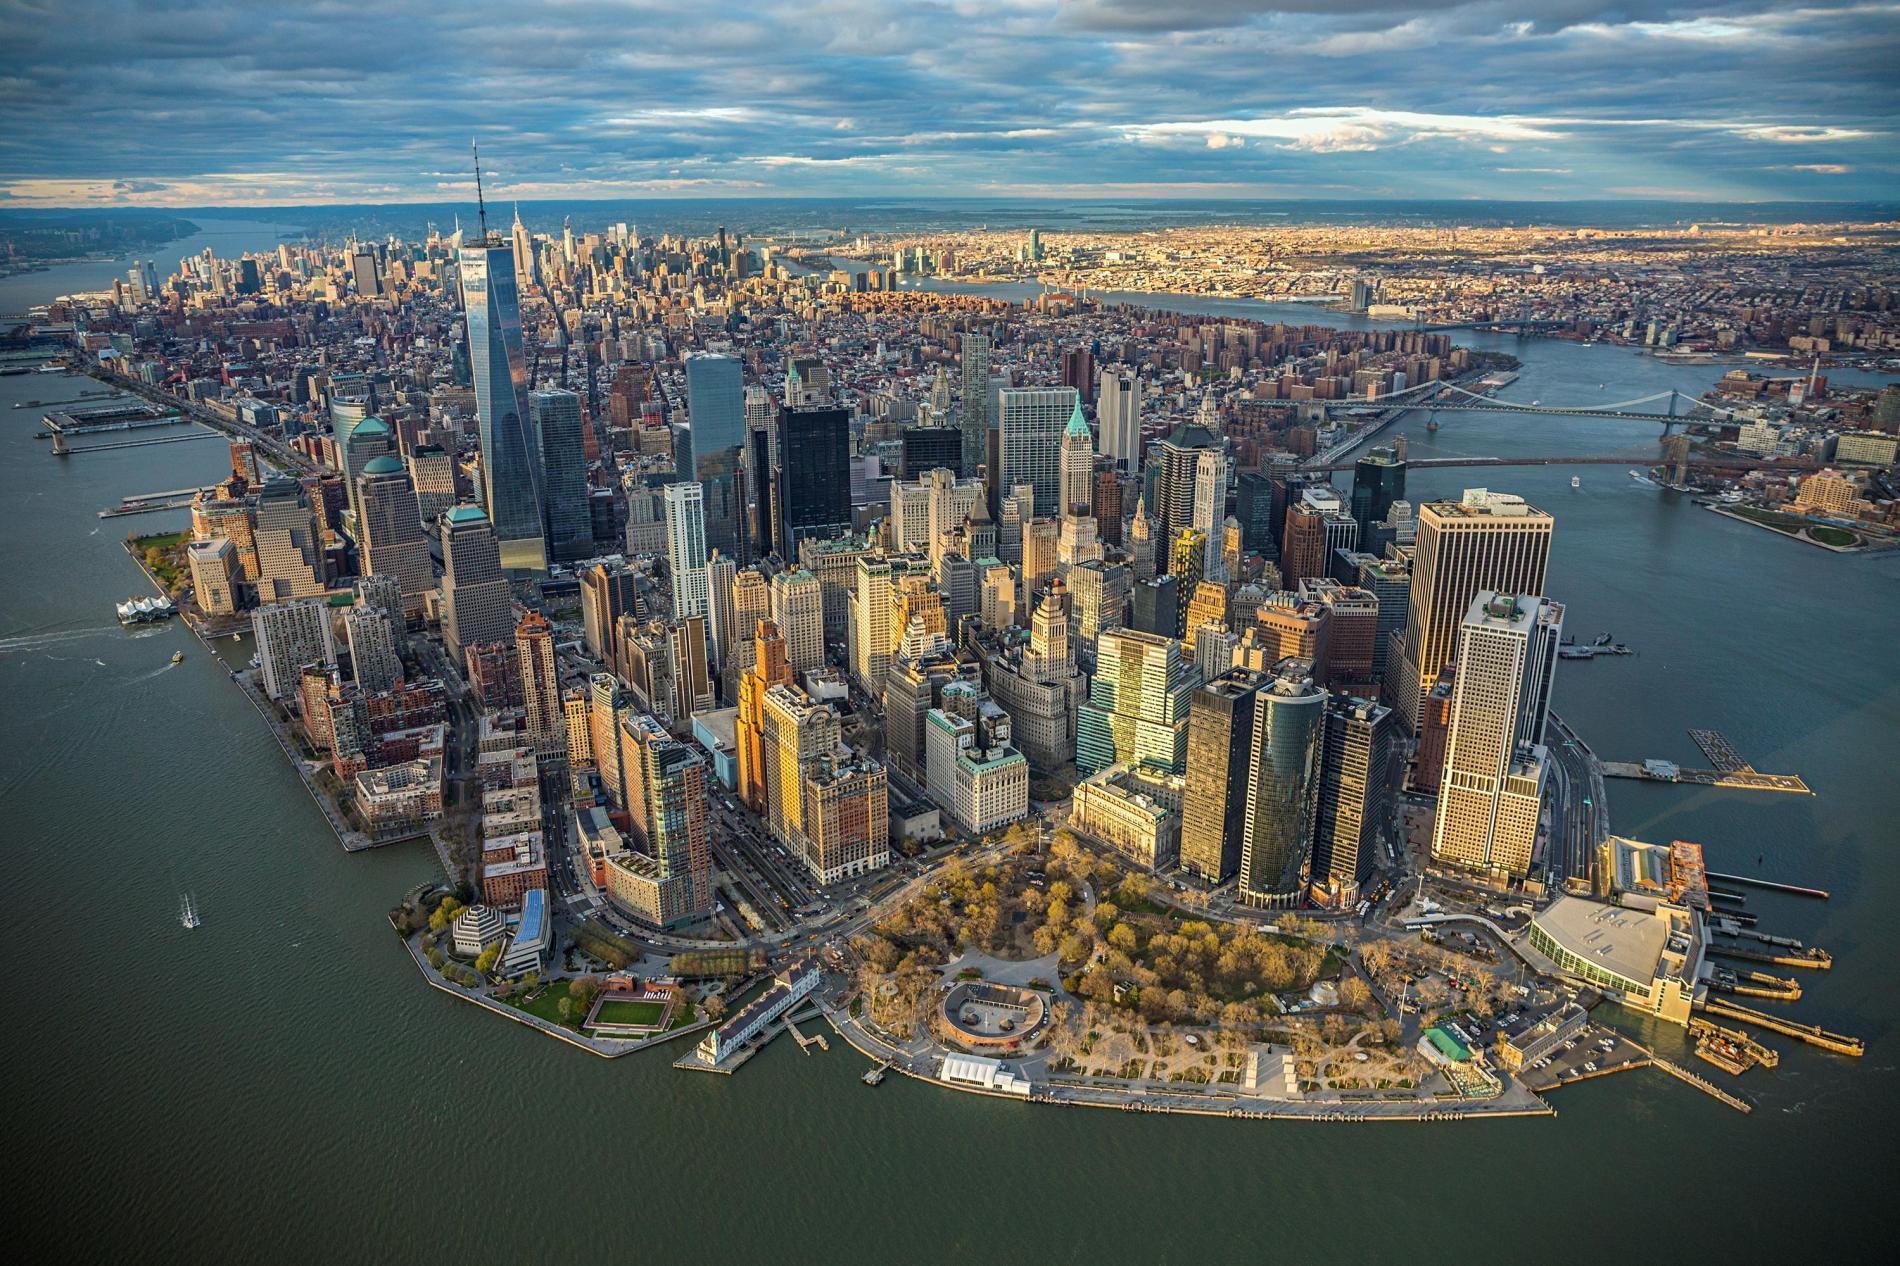 Khung cảnh các tòa cao tầng ở Mỹ nhìn từ trên cao